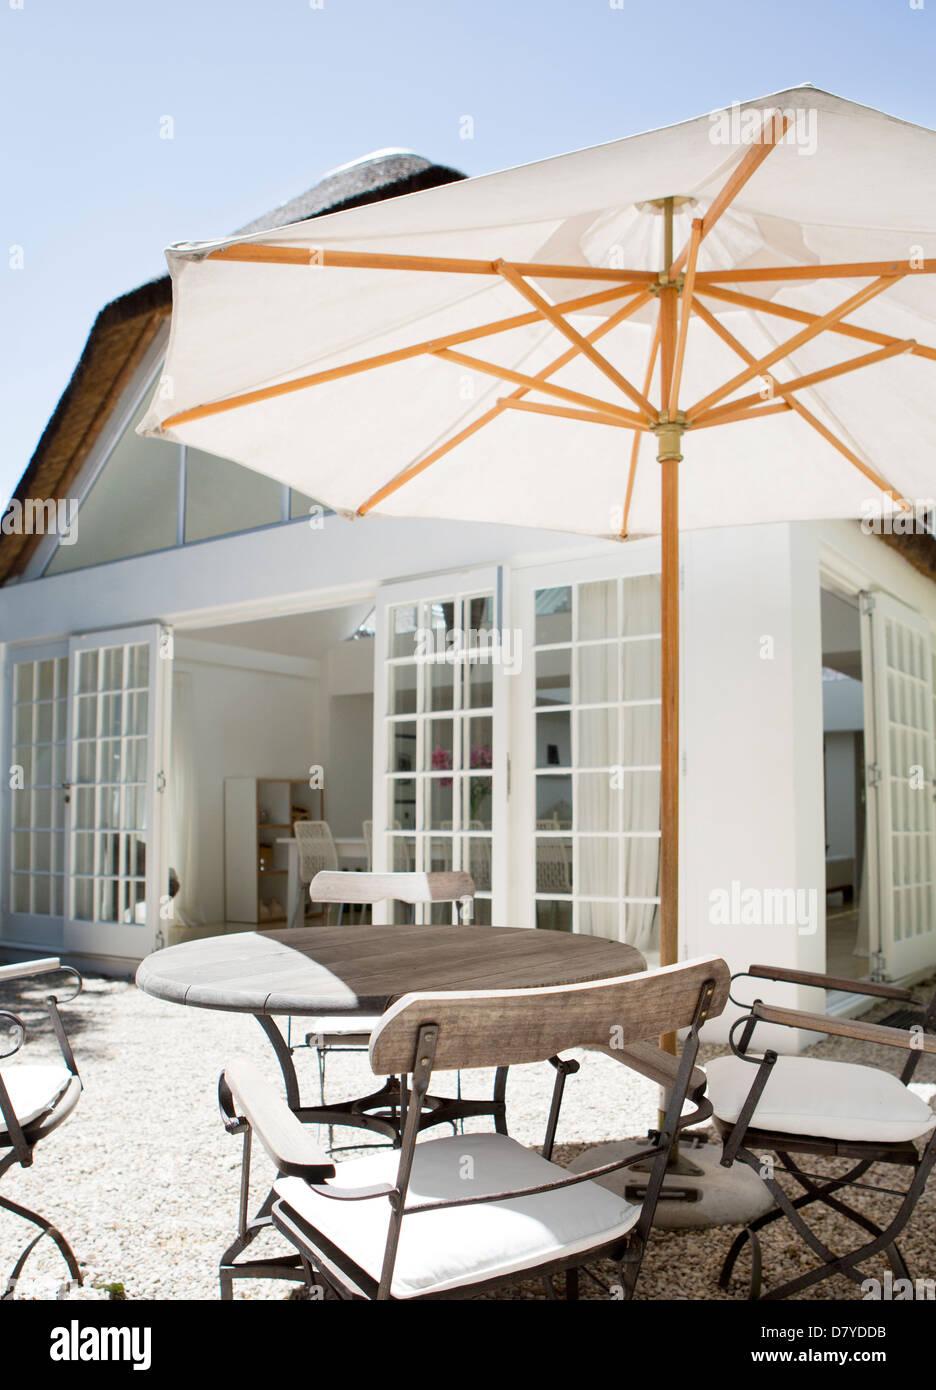 Regenschirm über Tisch im Hinterhof Stockbild